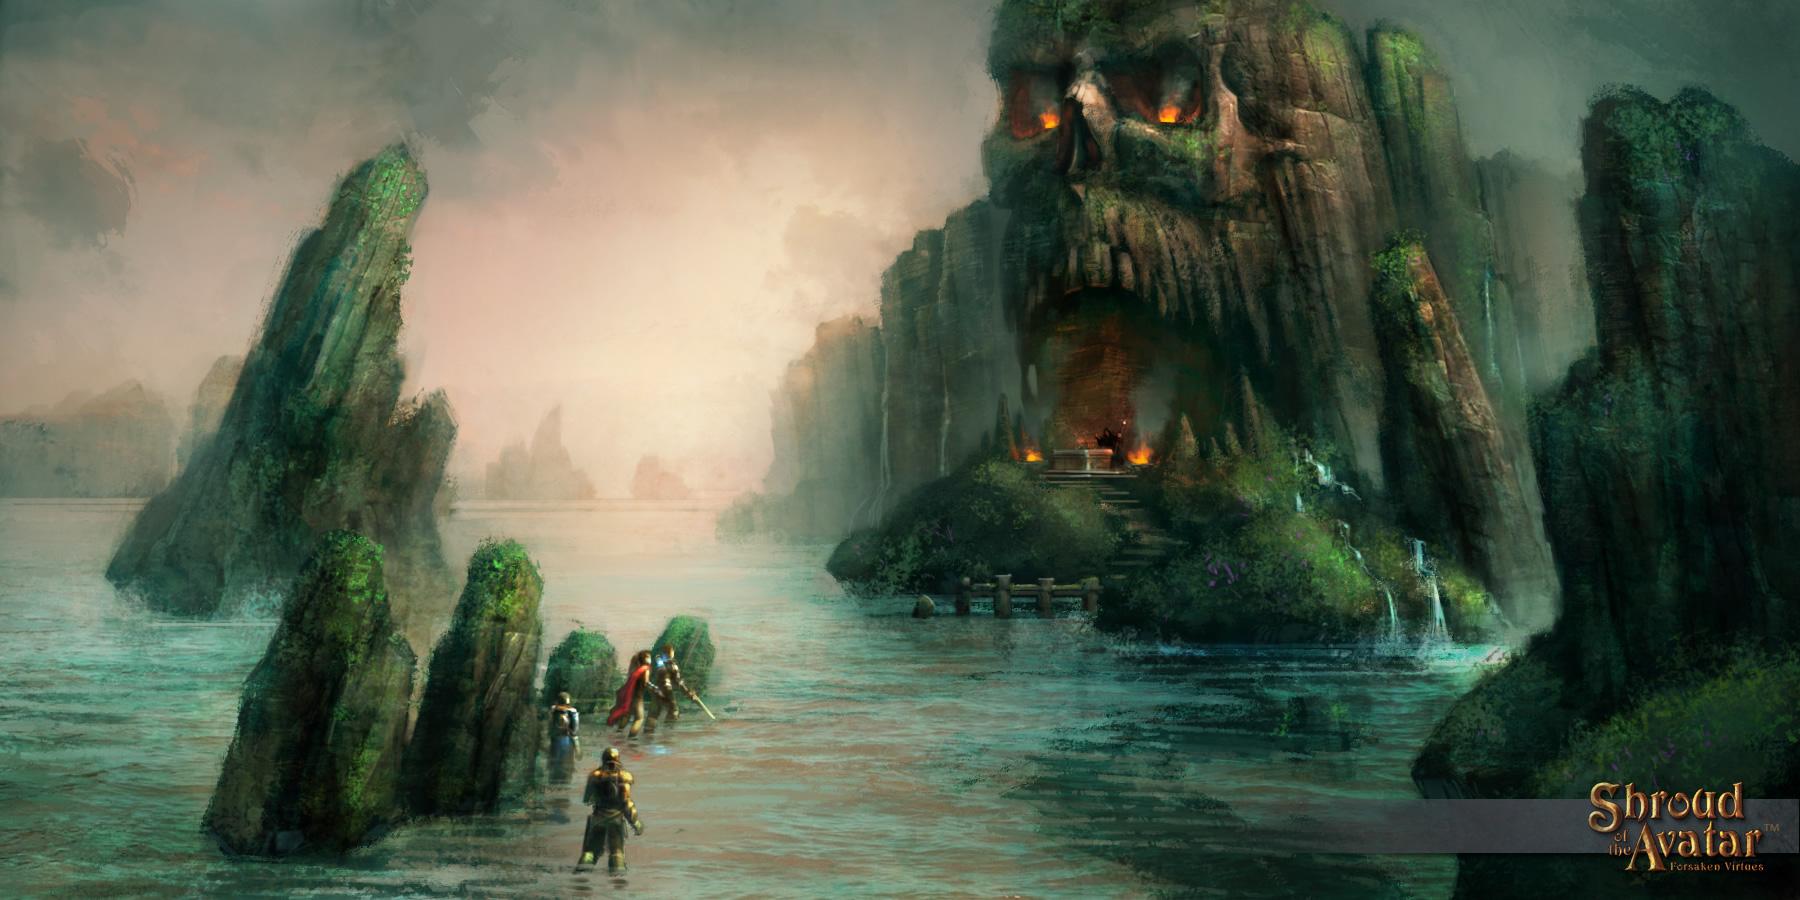 Warum hacken alle auf Shroud of the Avatar rum?